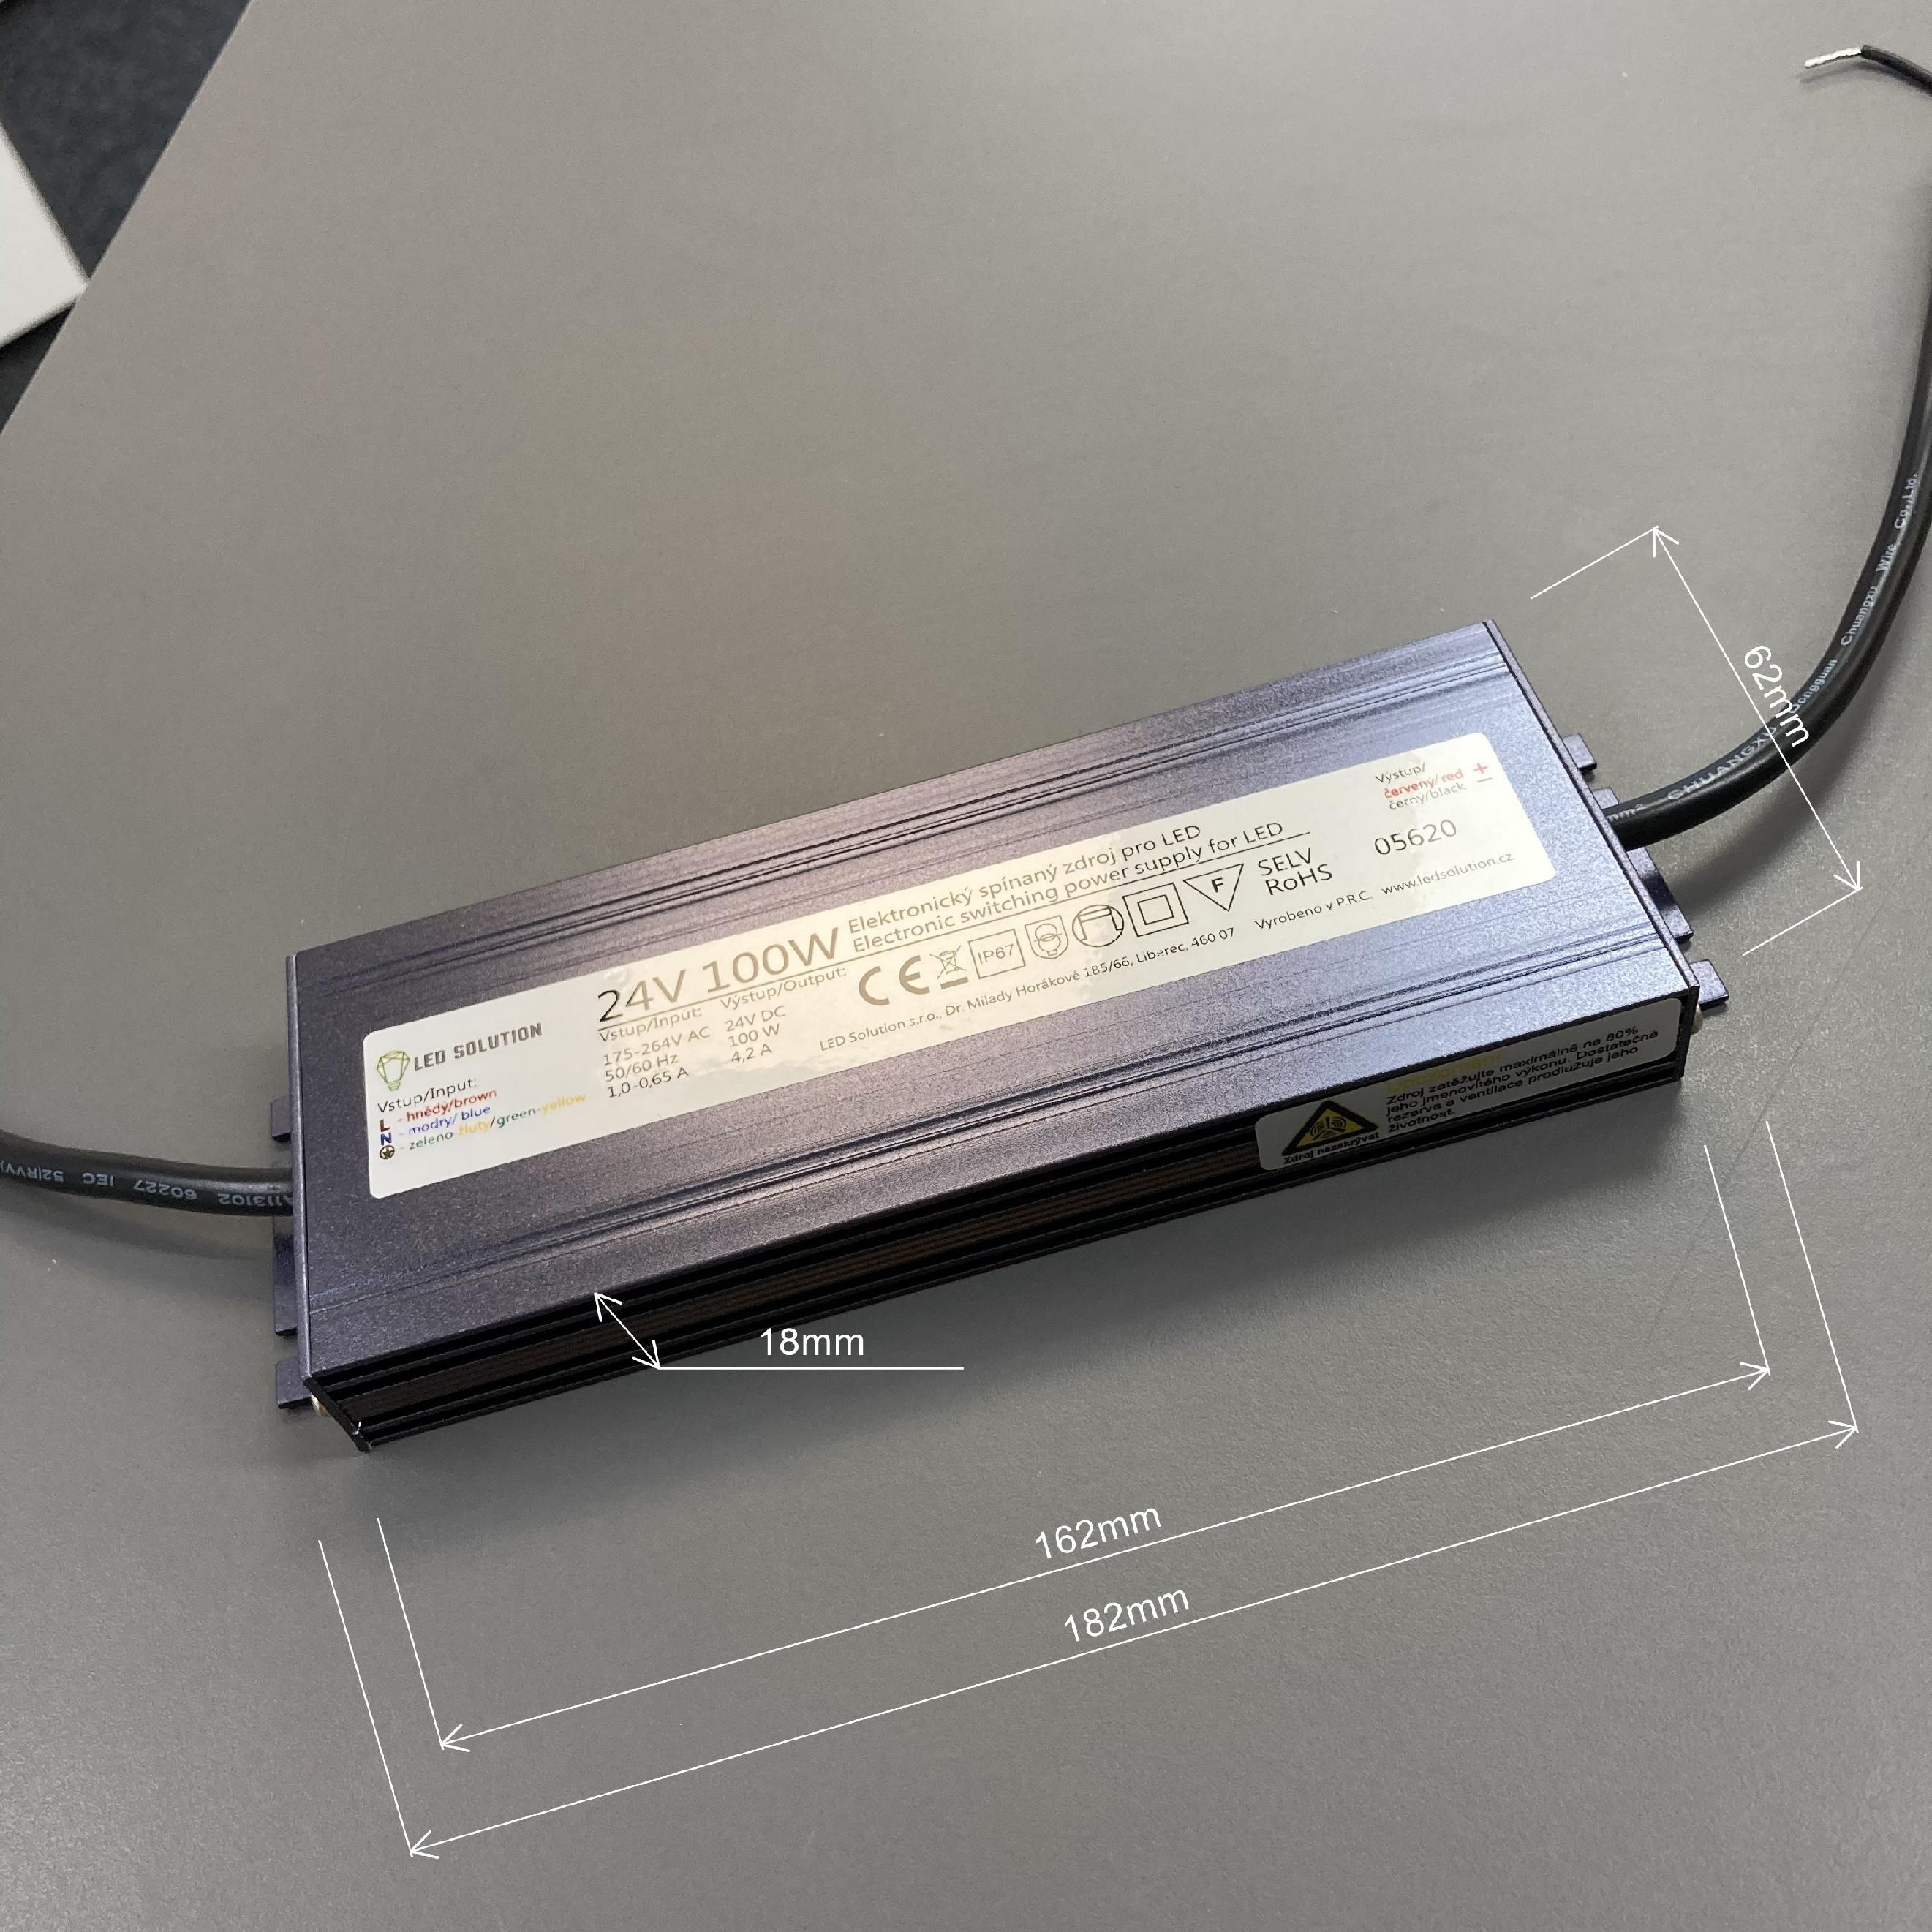 T-LED LED zdroj (trafo) 24V 100W IP67 SLIM